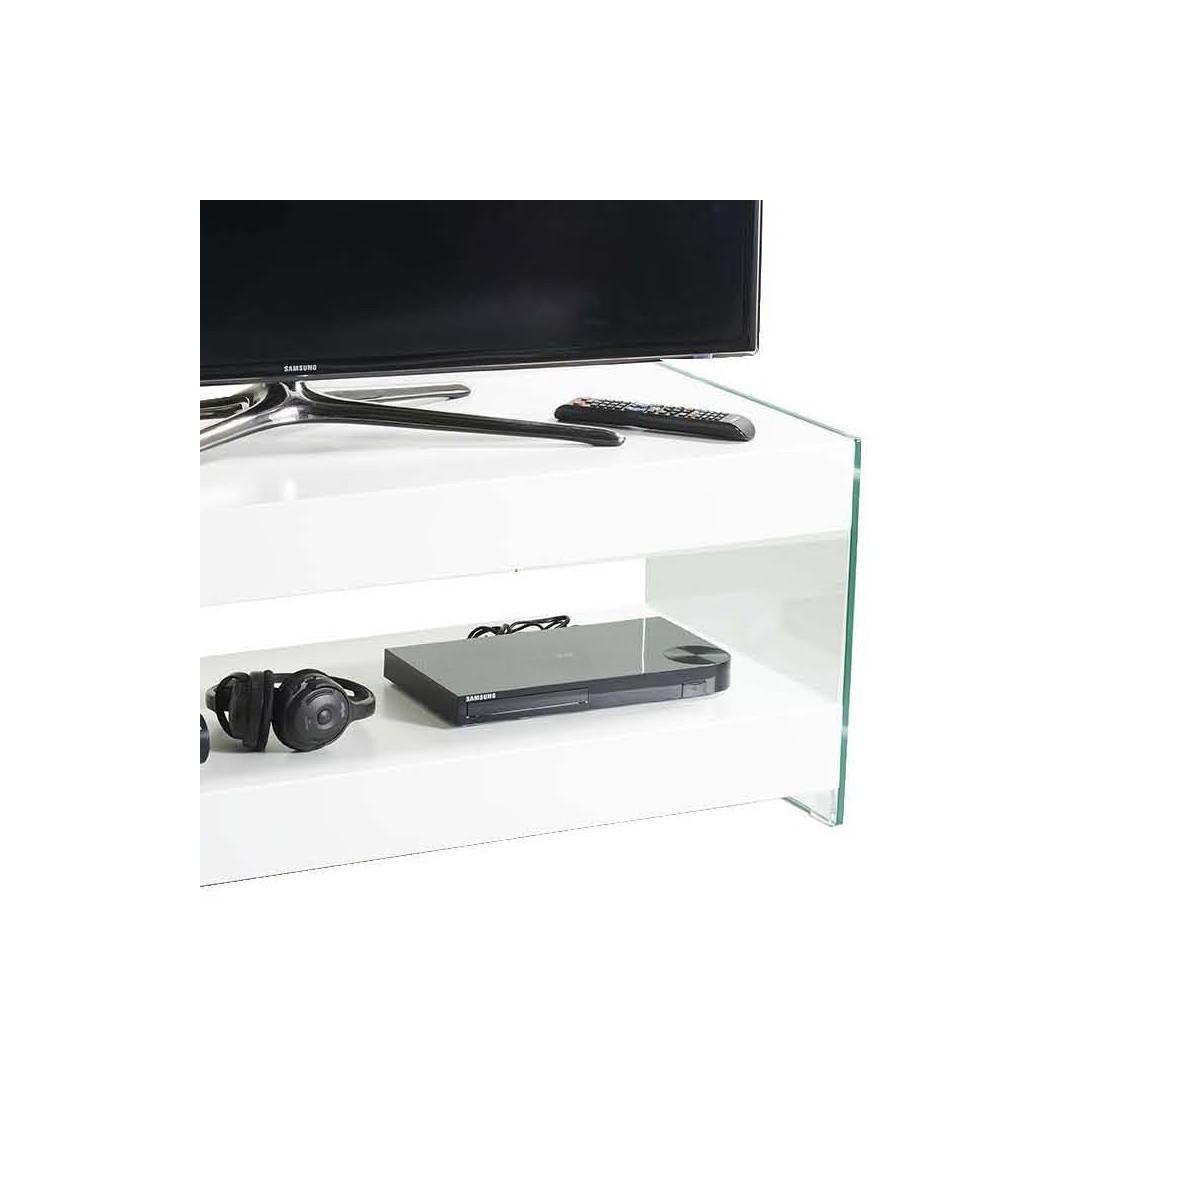 Clubber mobile porta tv design moderno in legno e vetro - Porta tv design moderno ...